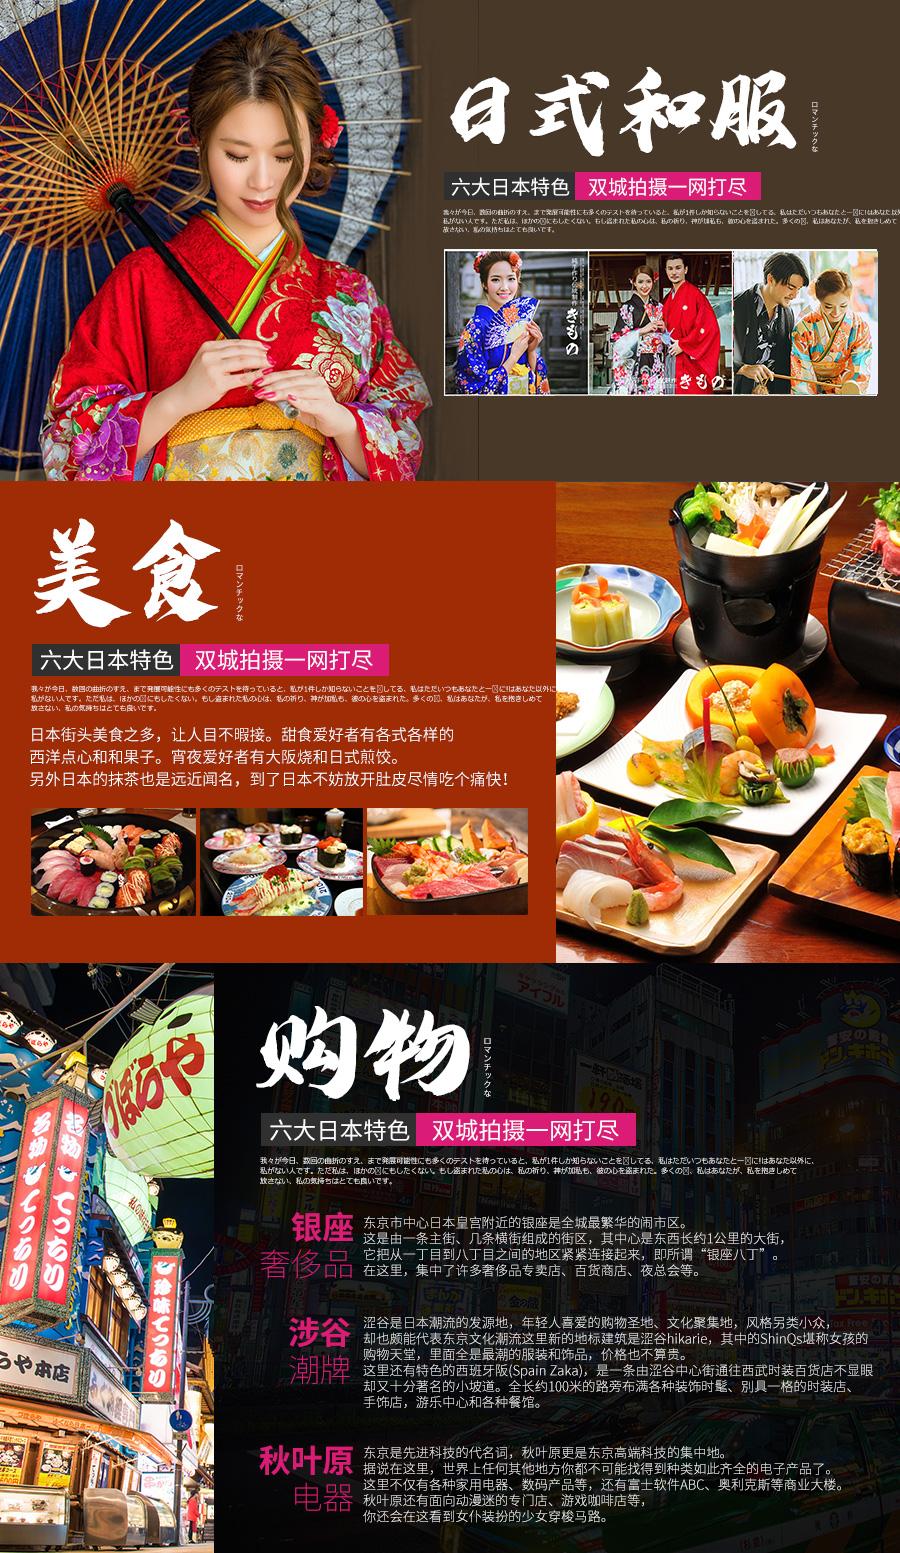 190417日本旅拍双城记-900_06.jpg